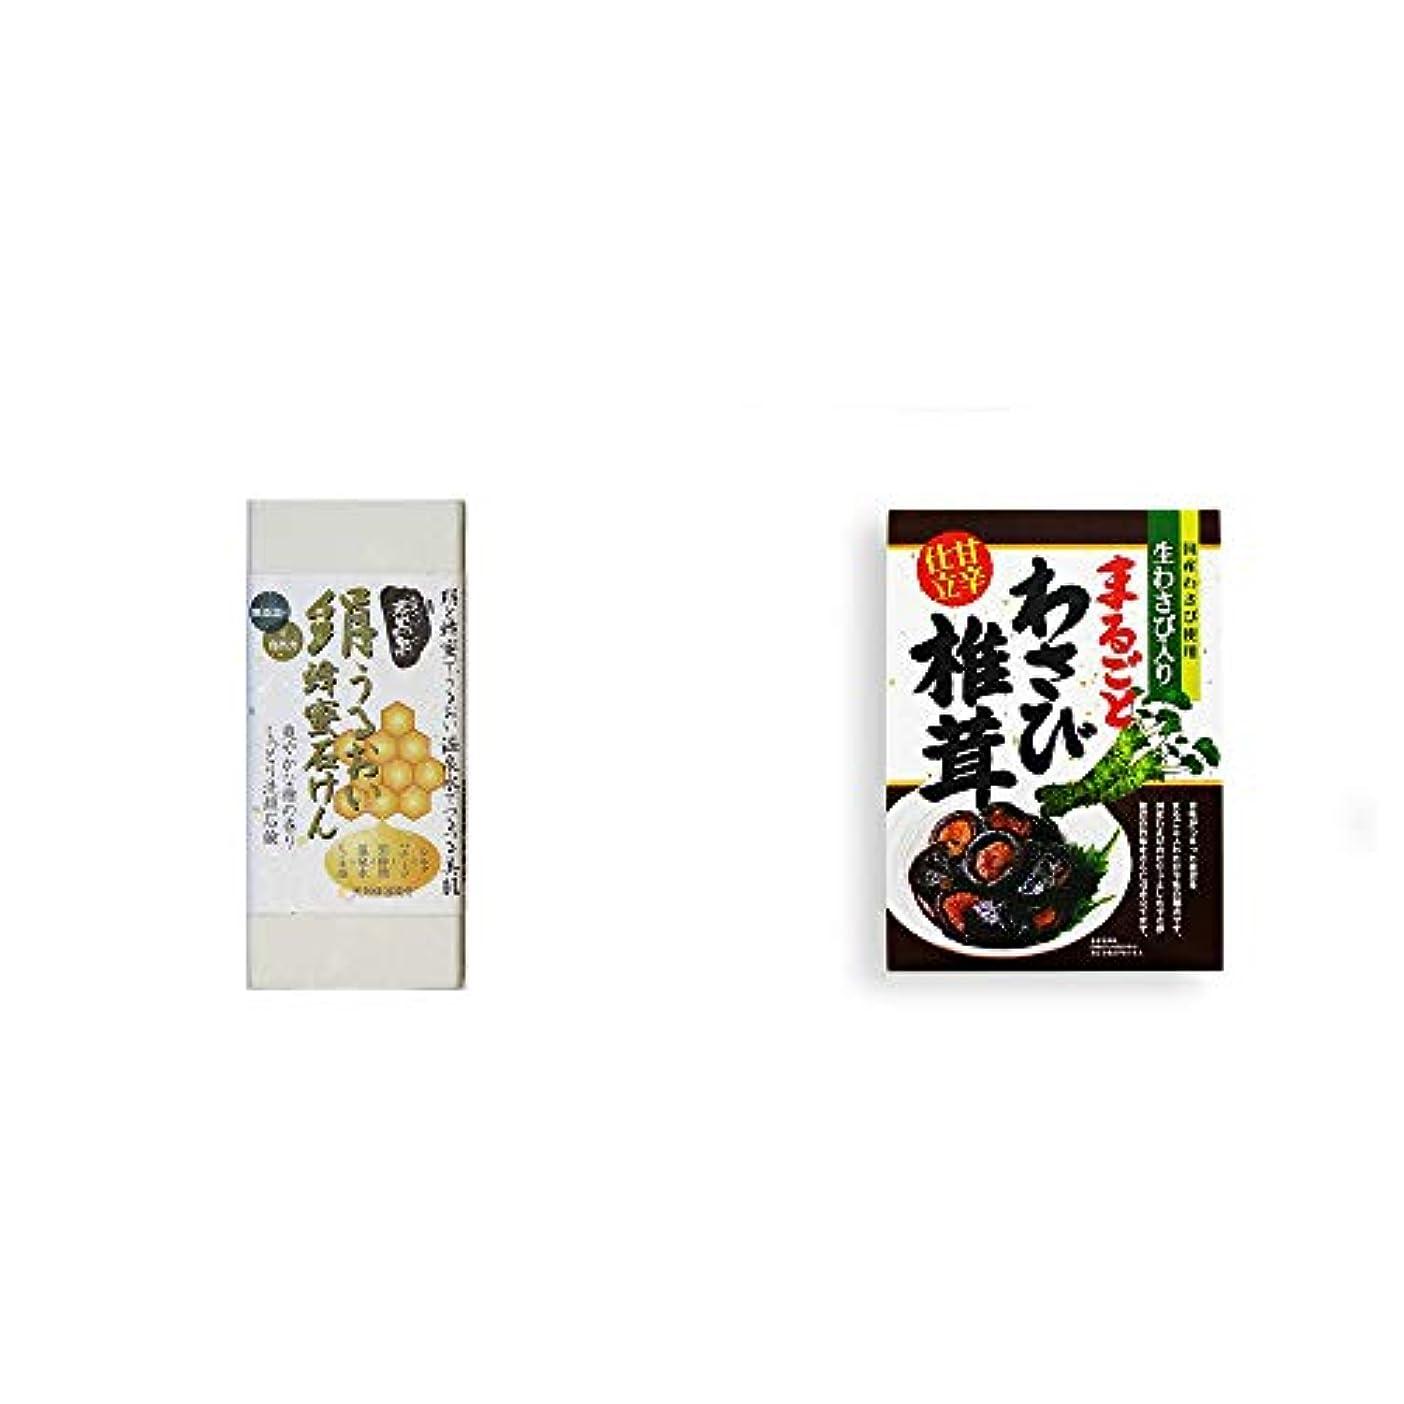 保持するテンポぼんやりした[2点セット] ひのき炭黒泉 絹うるおい蜂蜜石けん(75g×2)?まるごとわさび椎茸(200g)